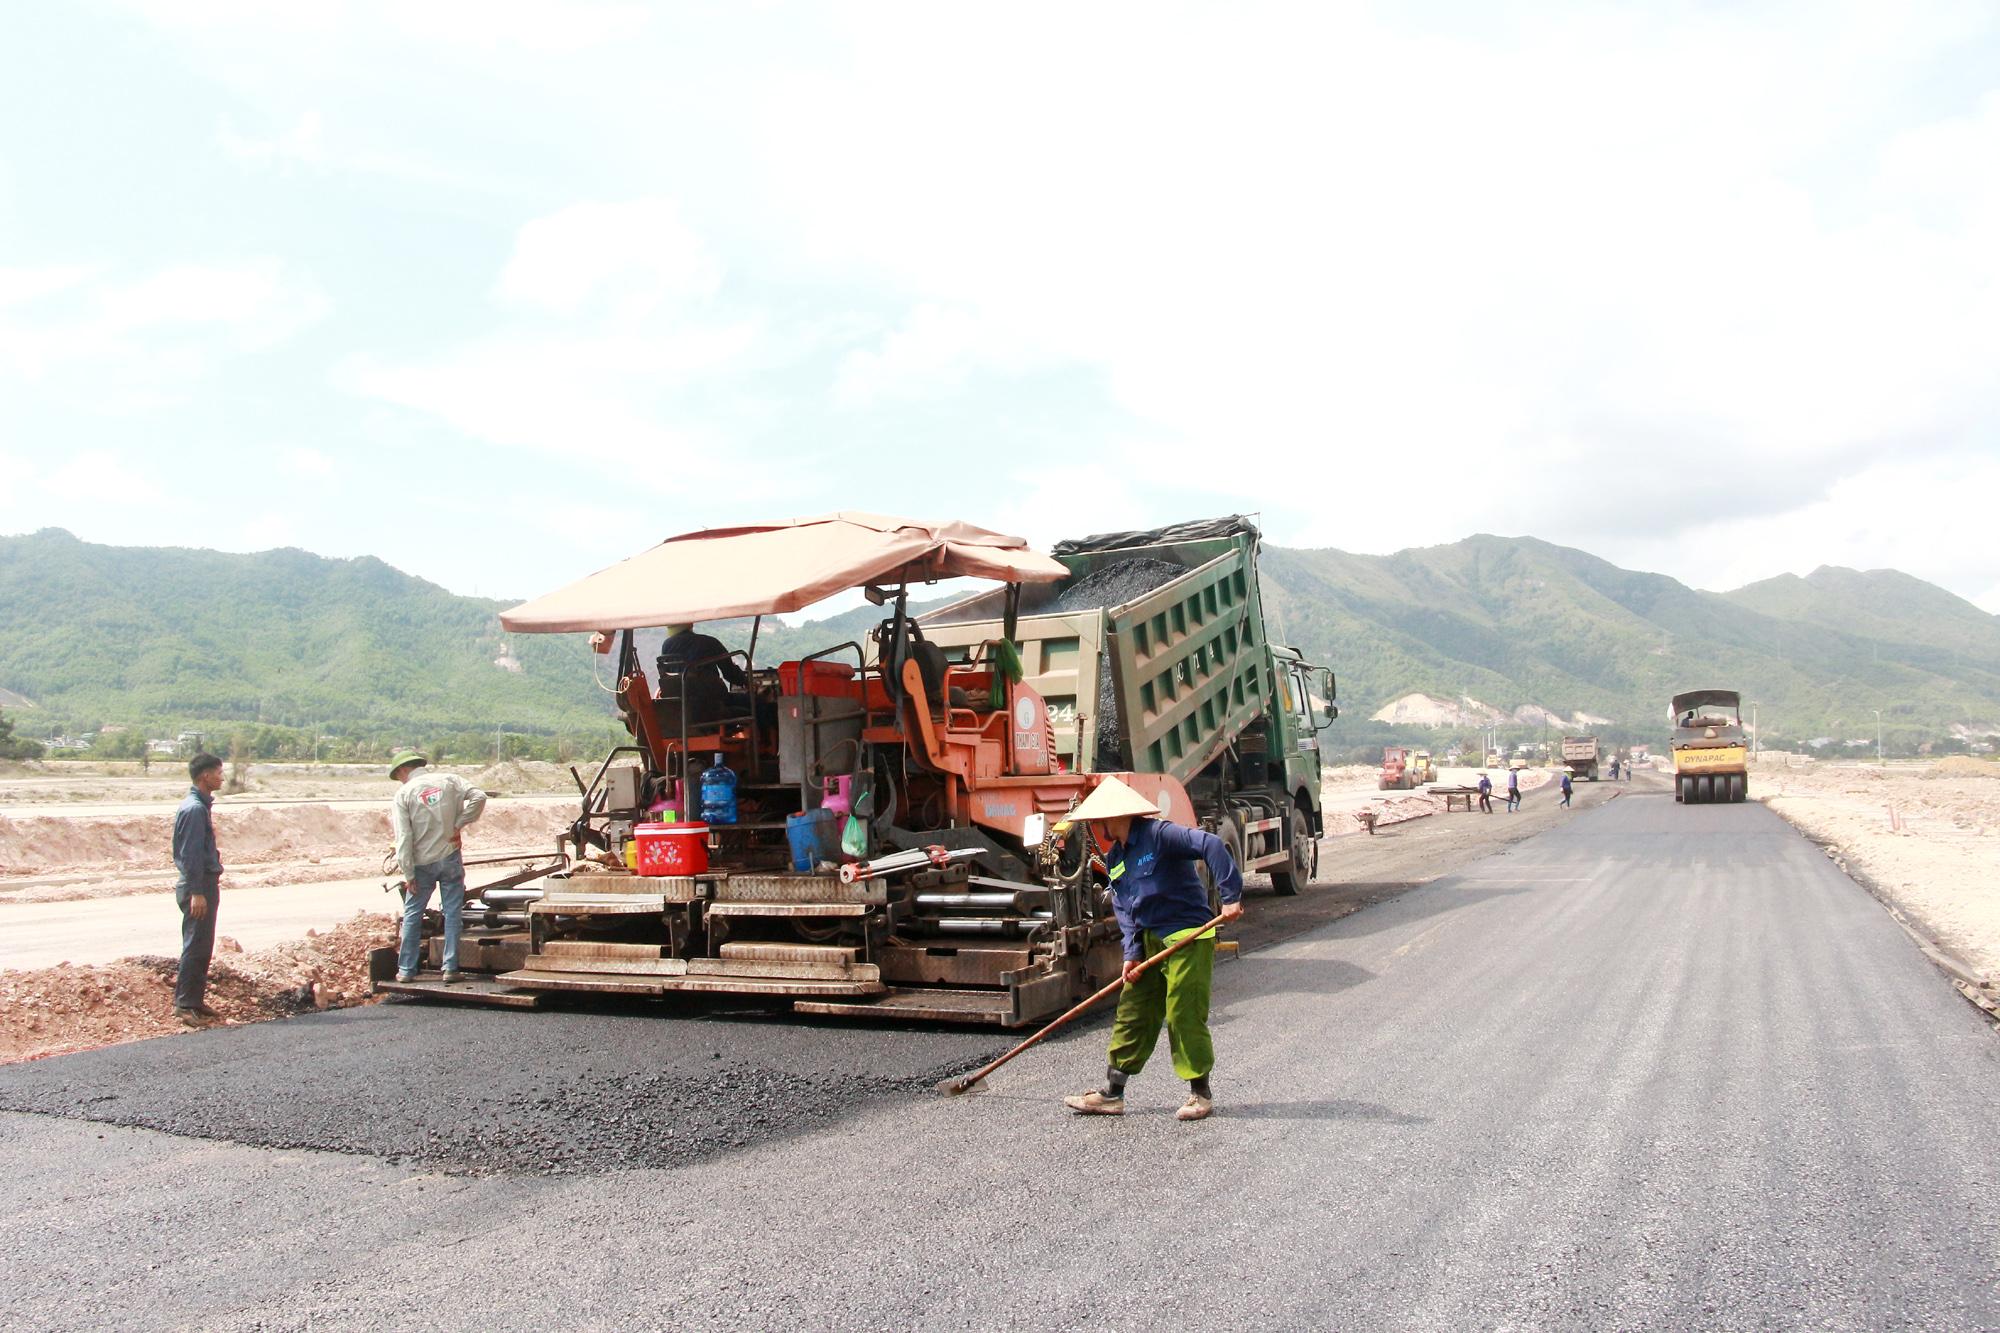 Quảng Ninh: Dự kiến bố trí 16.000 tỉ đồng cho các dự án trọng điểm trong năm 2021 - Ảnh 1.